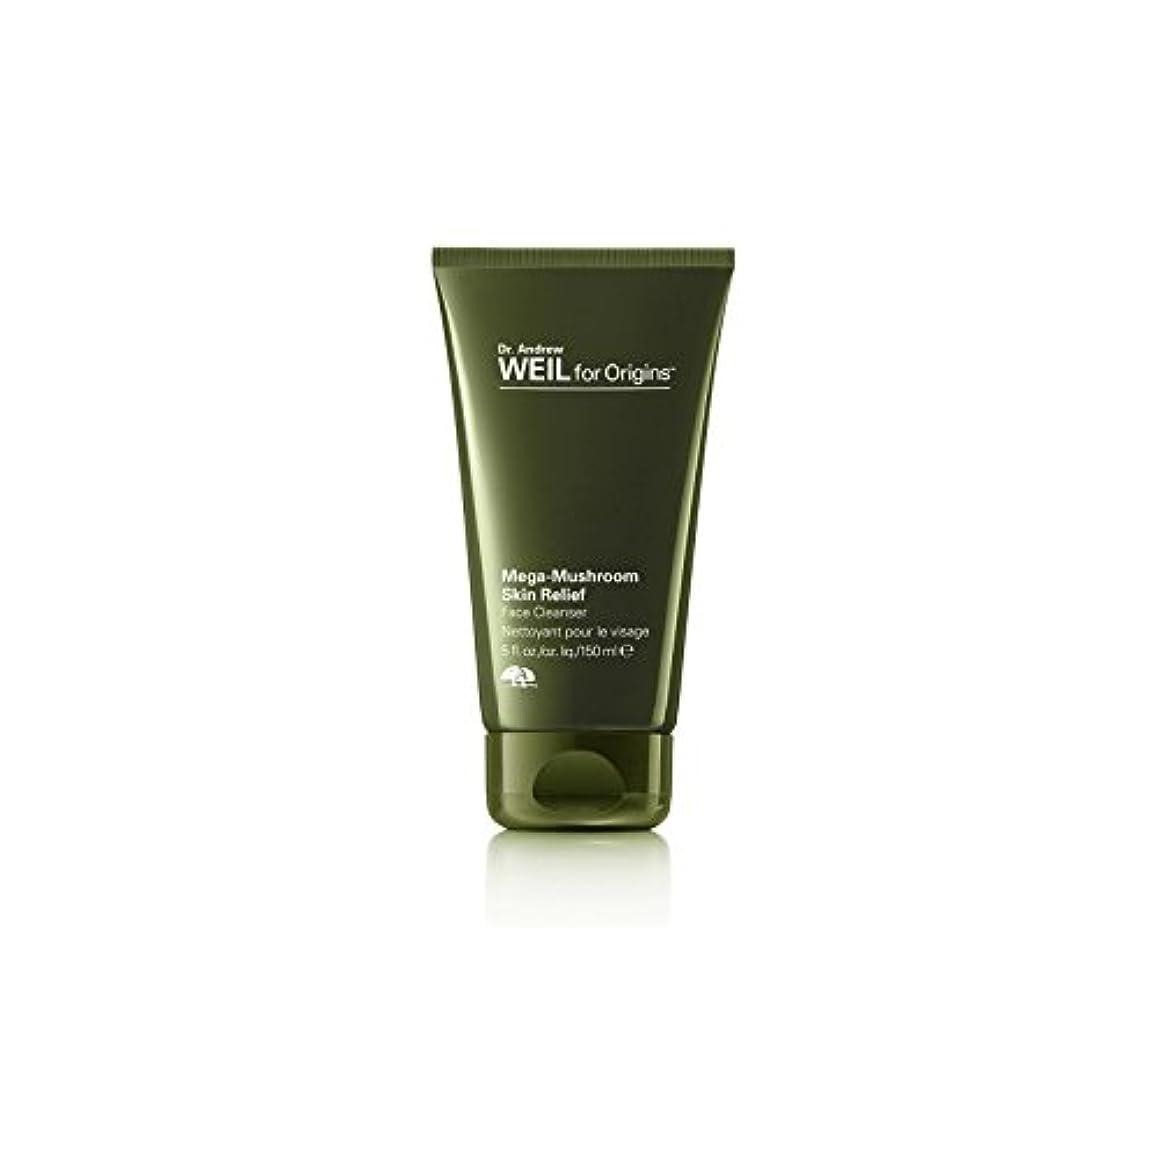 代理店クロス十分起源アンドルー?ワイル起源メガキノコ皮膚救済顔クレンザー150ミリリットルのために x2 - Origins Dr. Andrew Weil For Origins Mega-Mushroom Skin Relief Face...